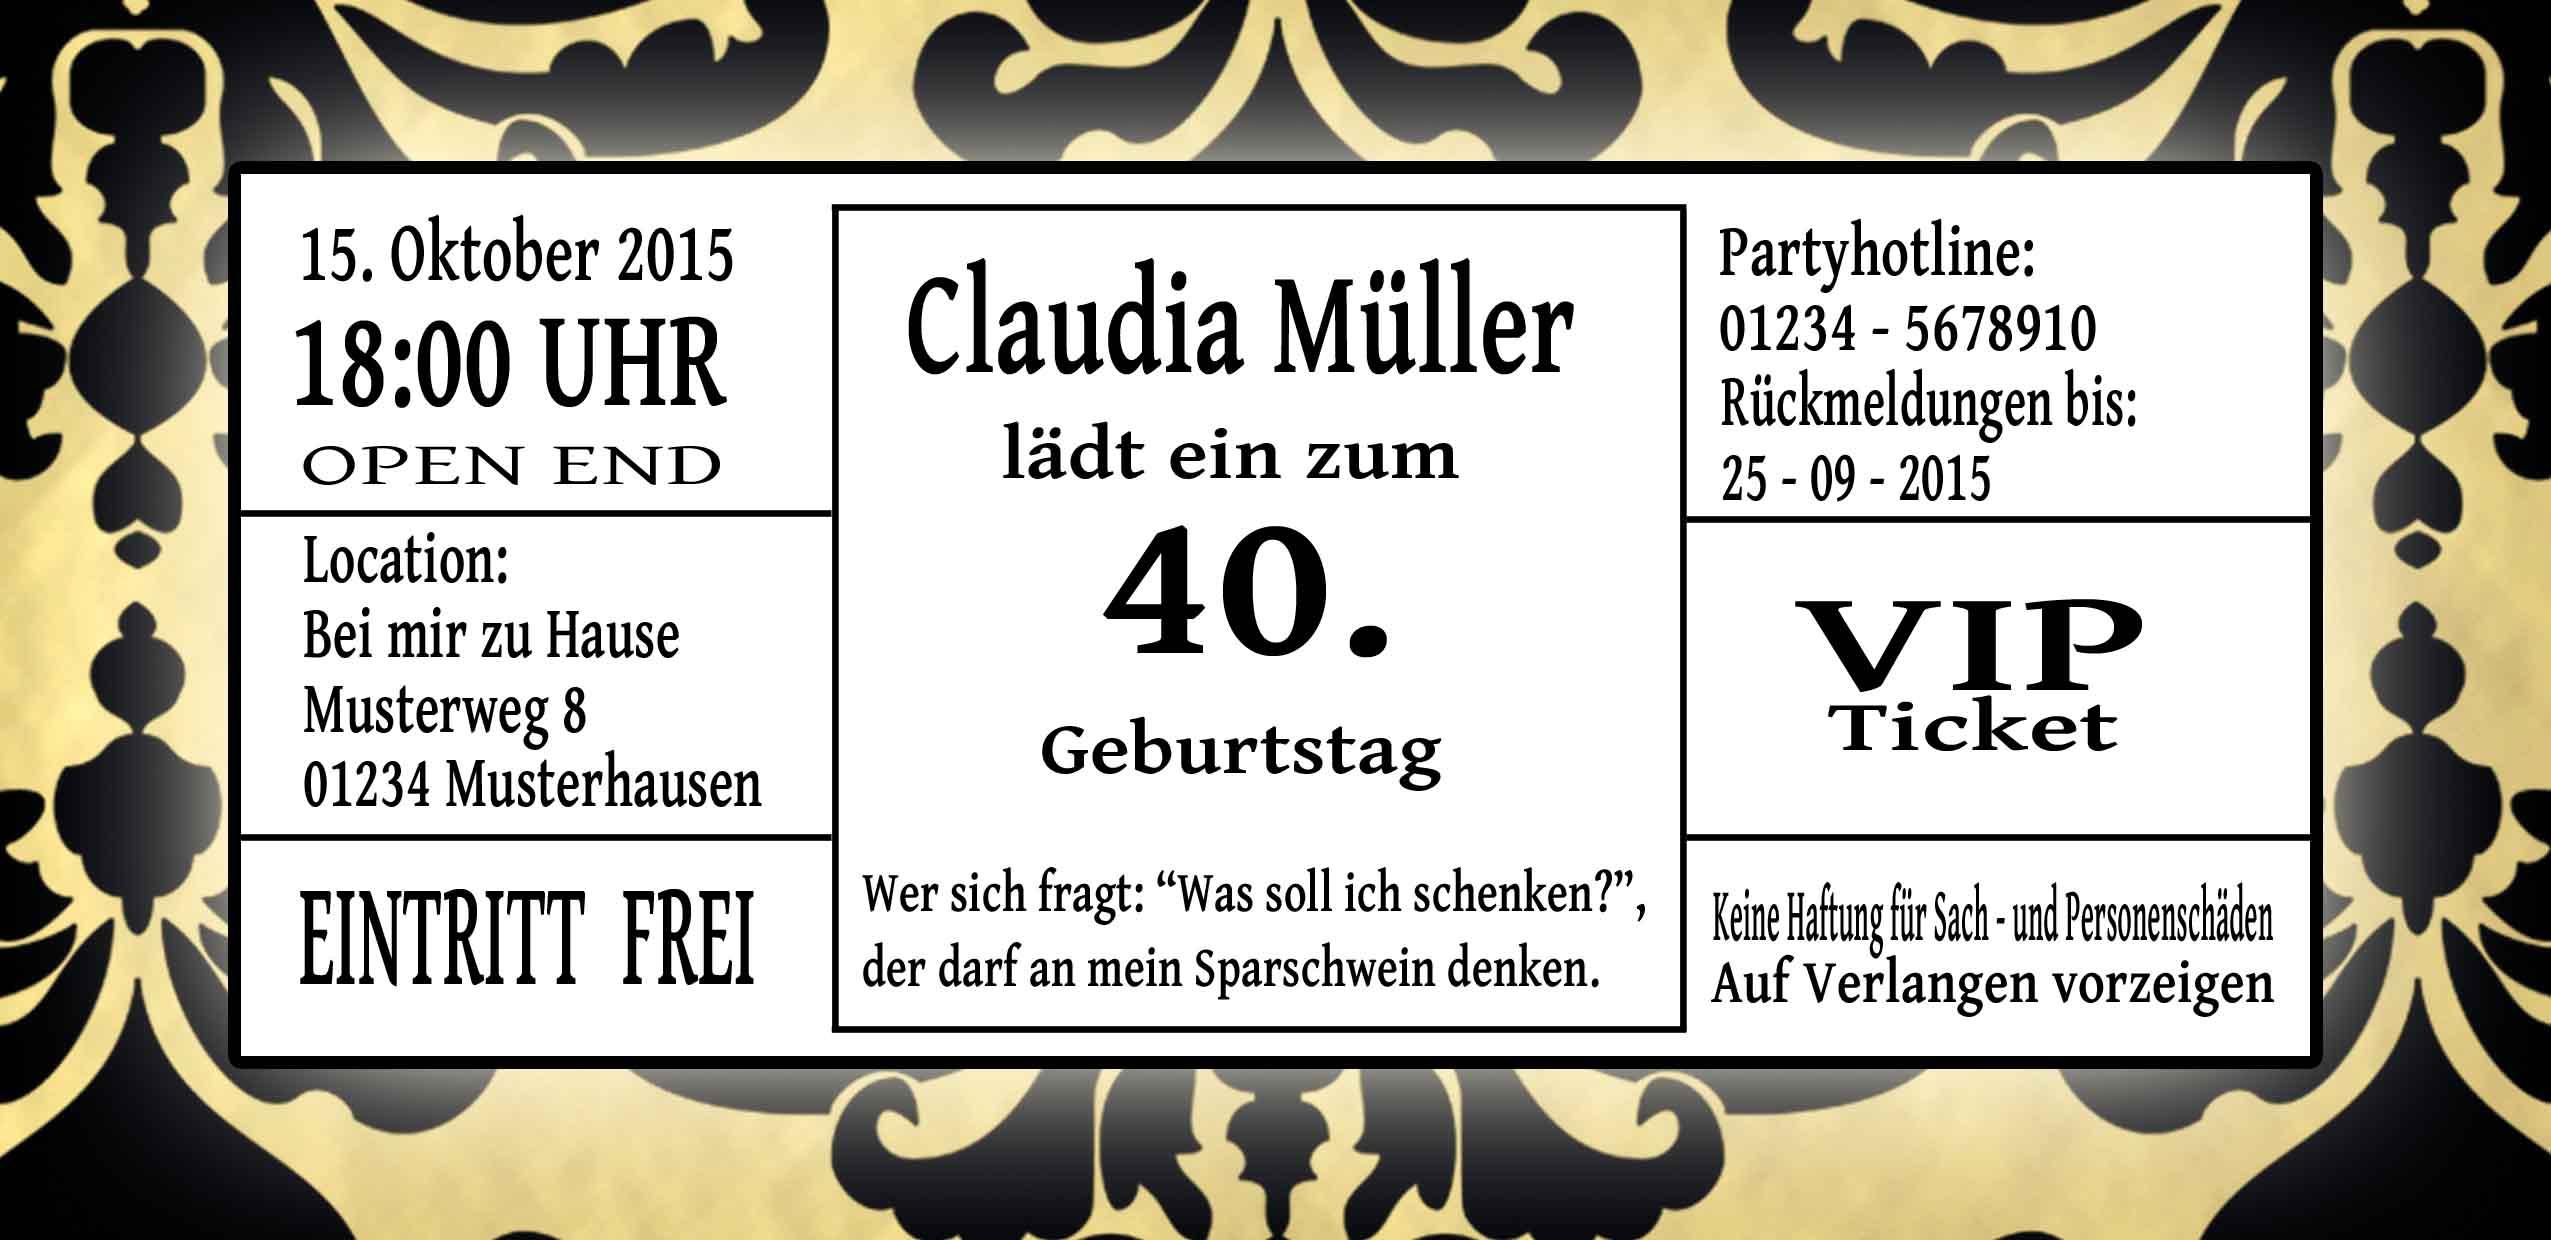 Einladungskarten VIP Ticket Geburtstag Einladung Party Hochzeit ... - Einladungskarten Vip Ticket